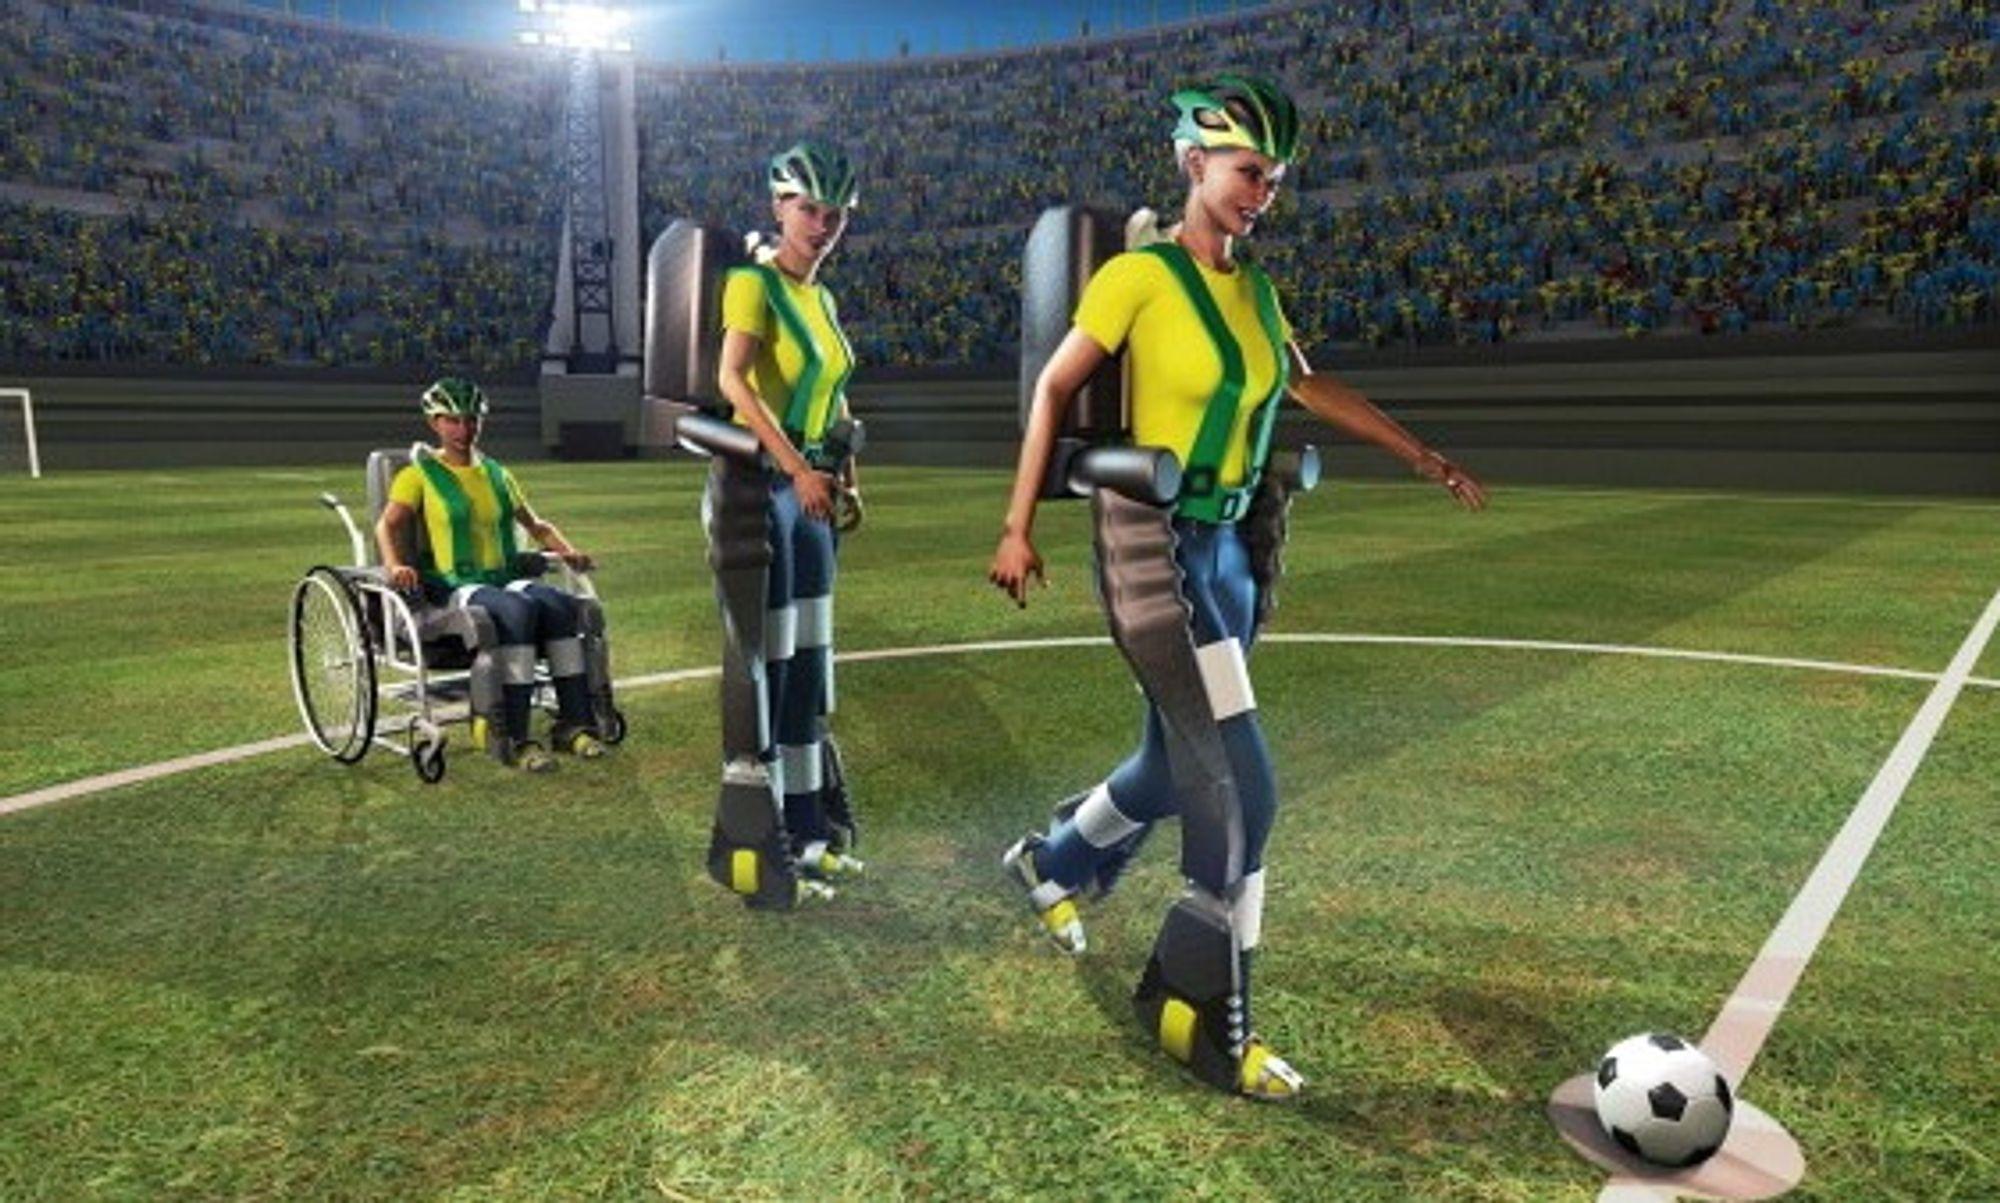 Slik ser forskerne i Walk Again Project for seg at avsparket under årets fotball-VM i Brasil vil gå for seg.